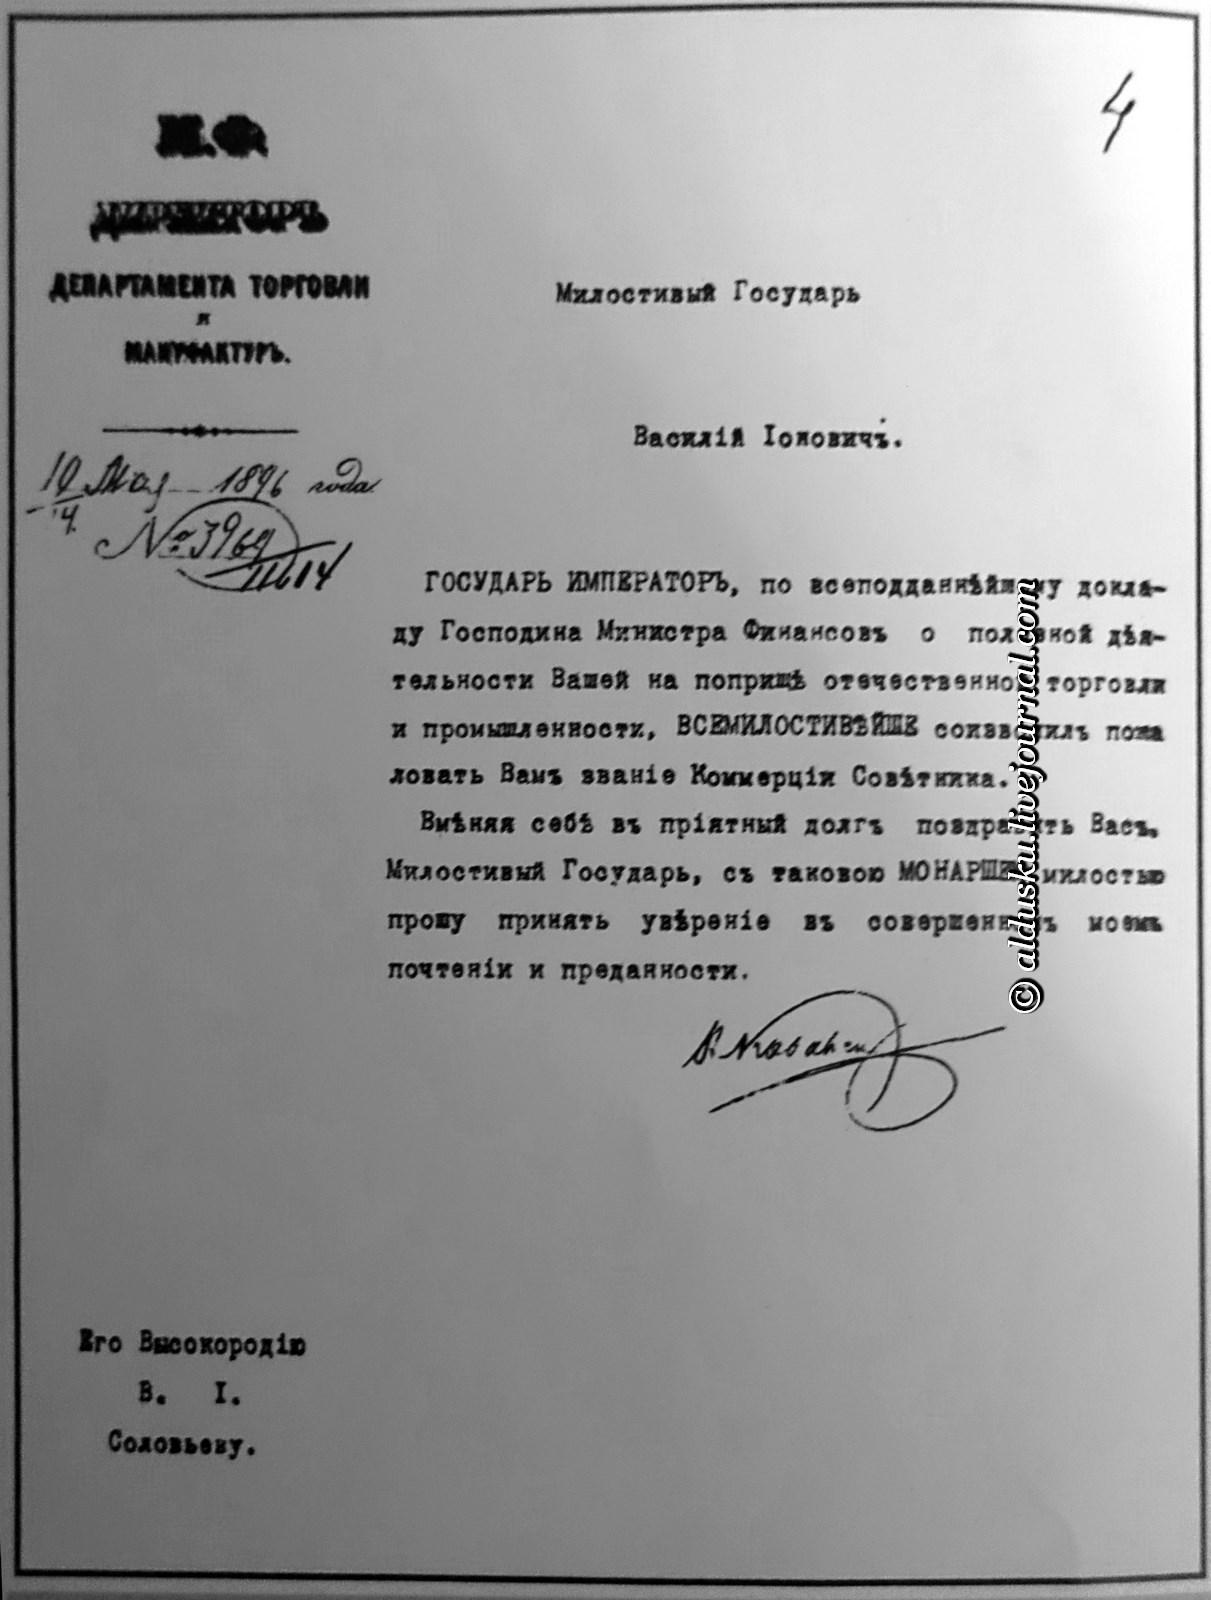 Поздравление Соловьеву В.И.